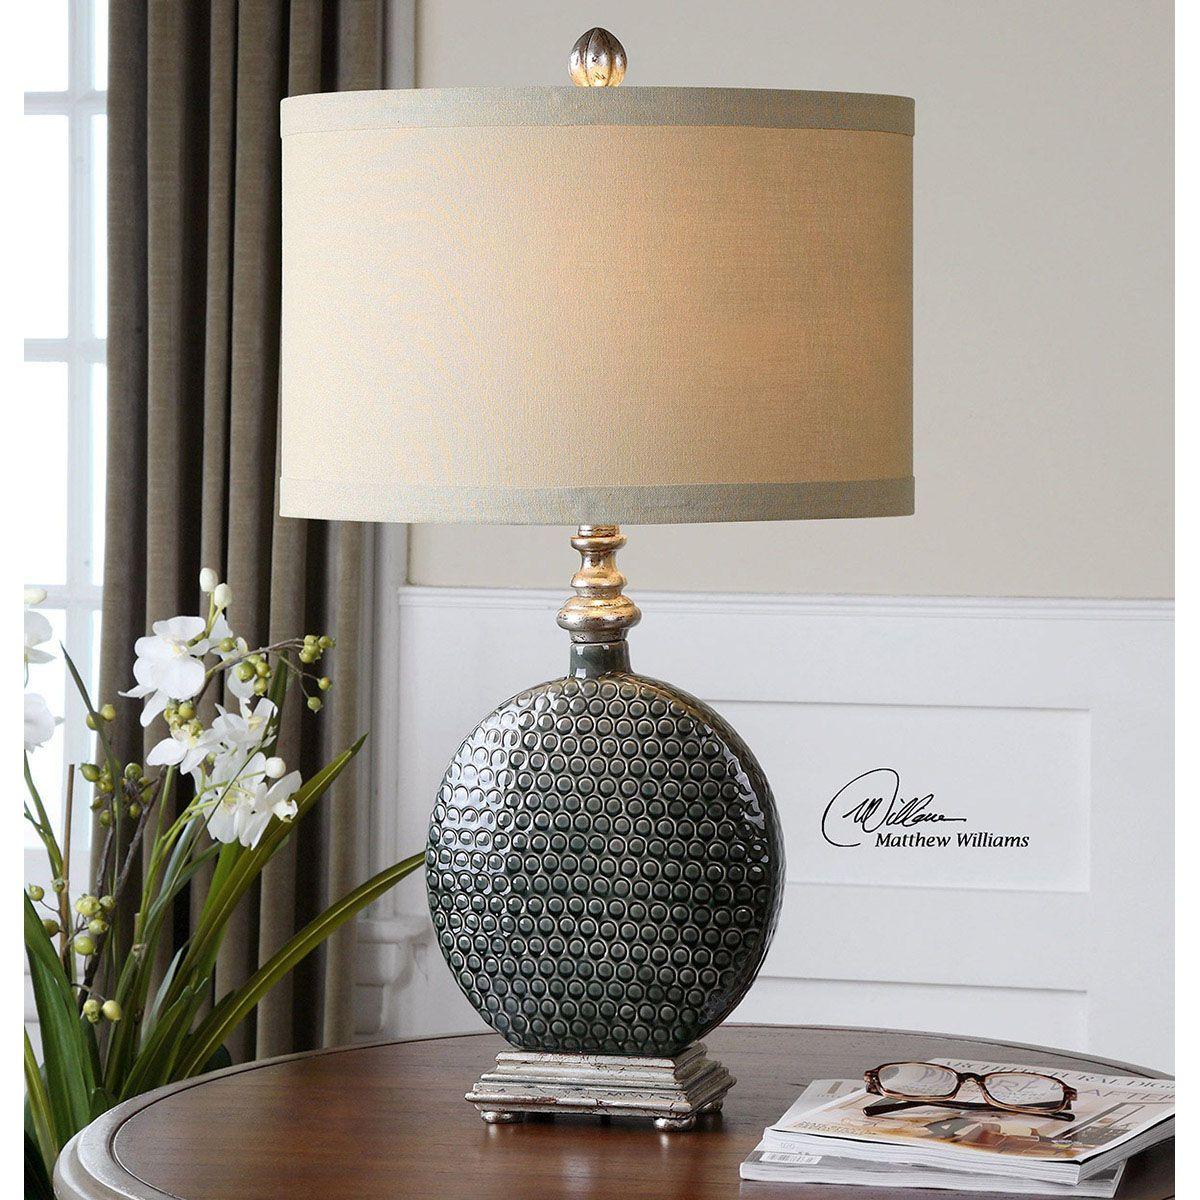 Uttermost Salinger Gray Ceramic Table Lamp 27470-1